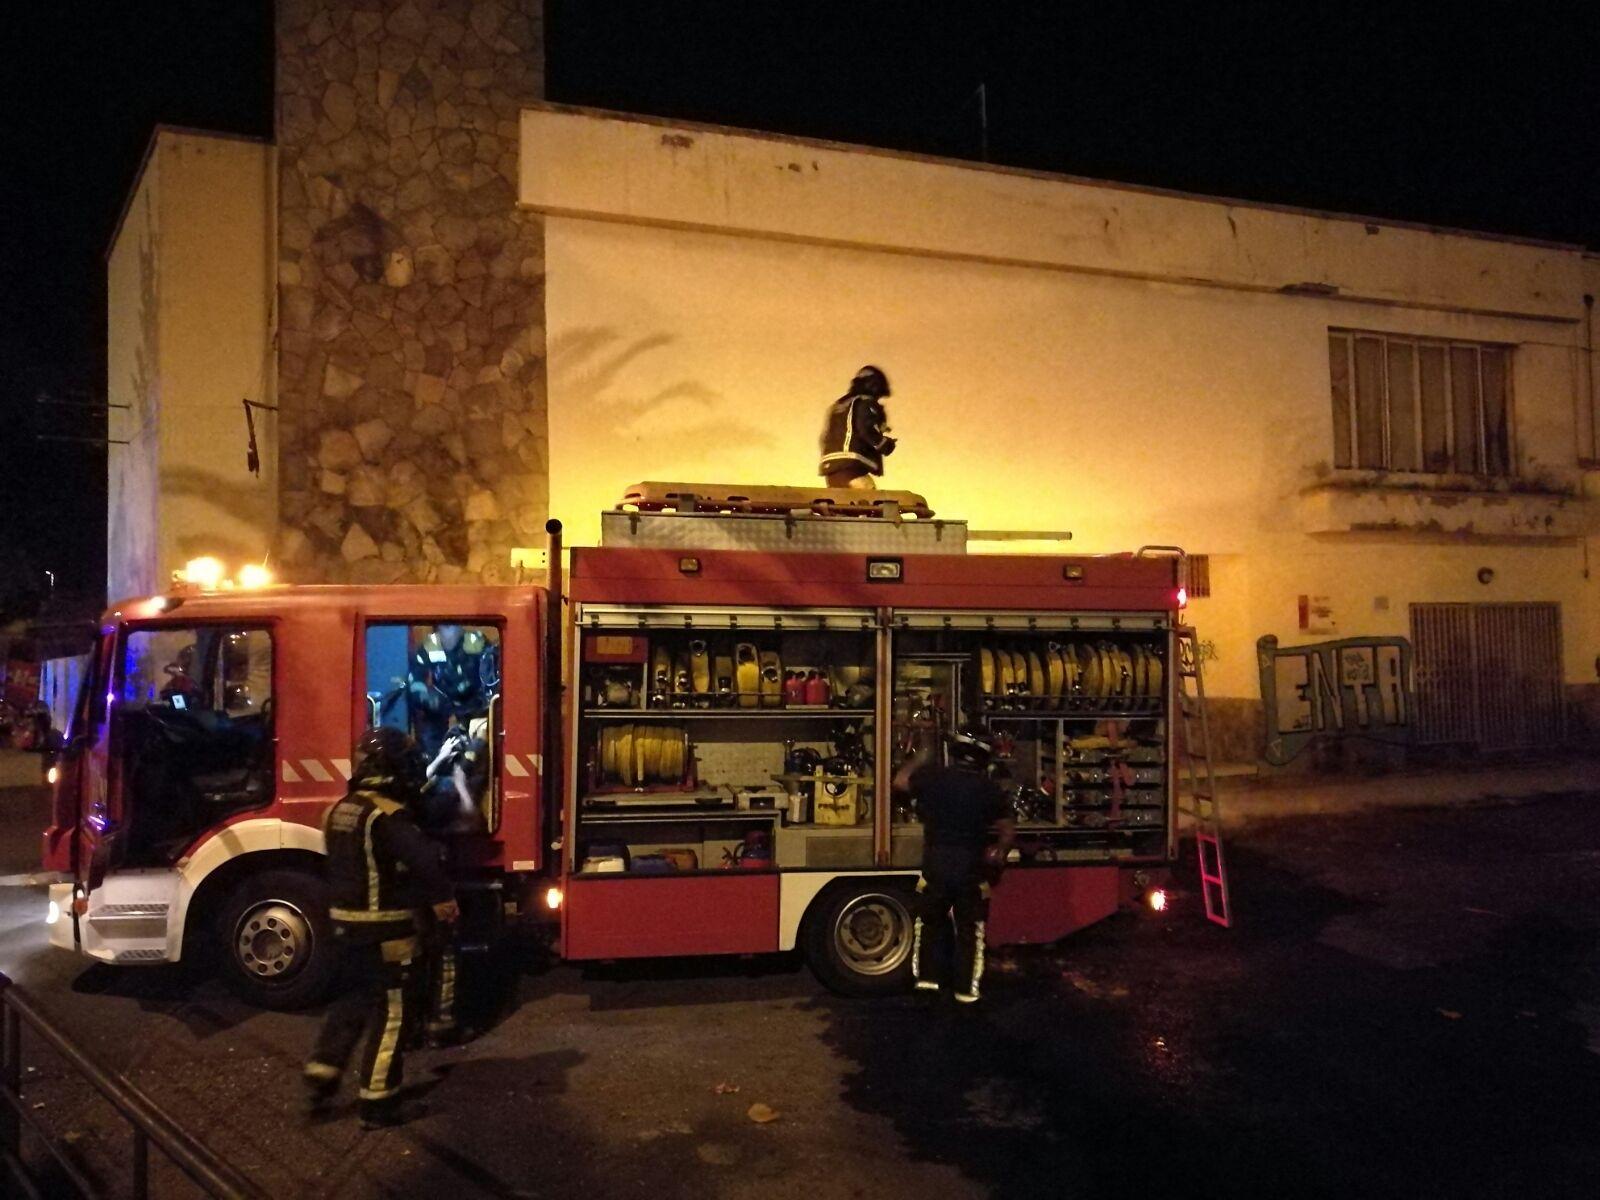 Bomberos de Tenerife sofocan un incendio en el balneario de Santa Cruz. / Sergio Méndez